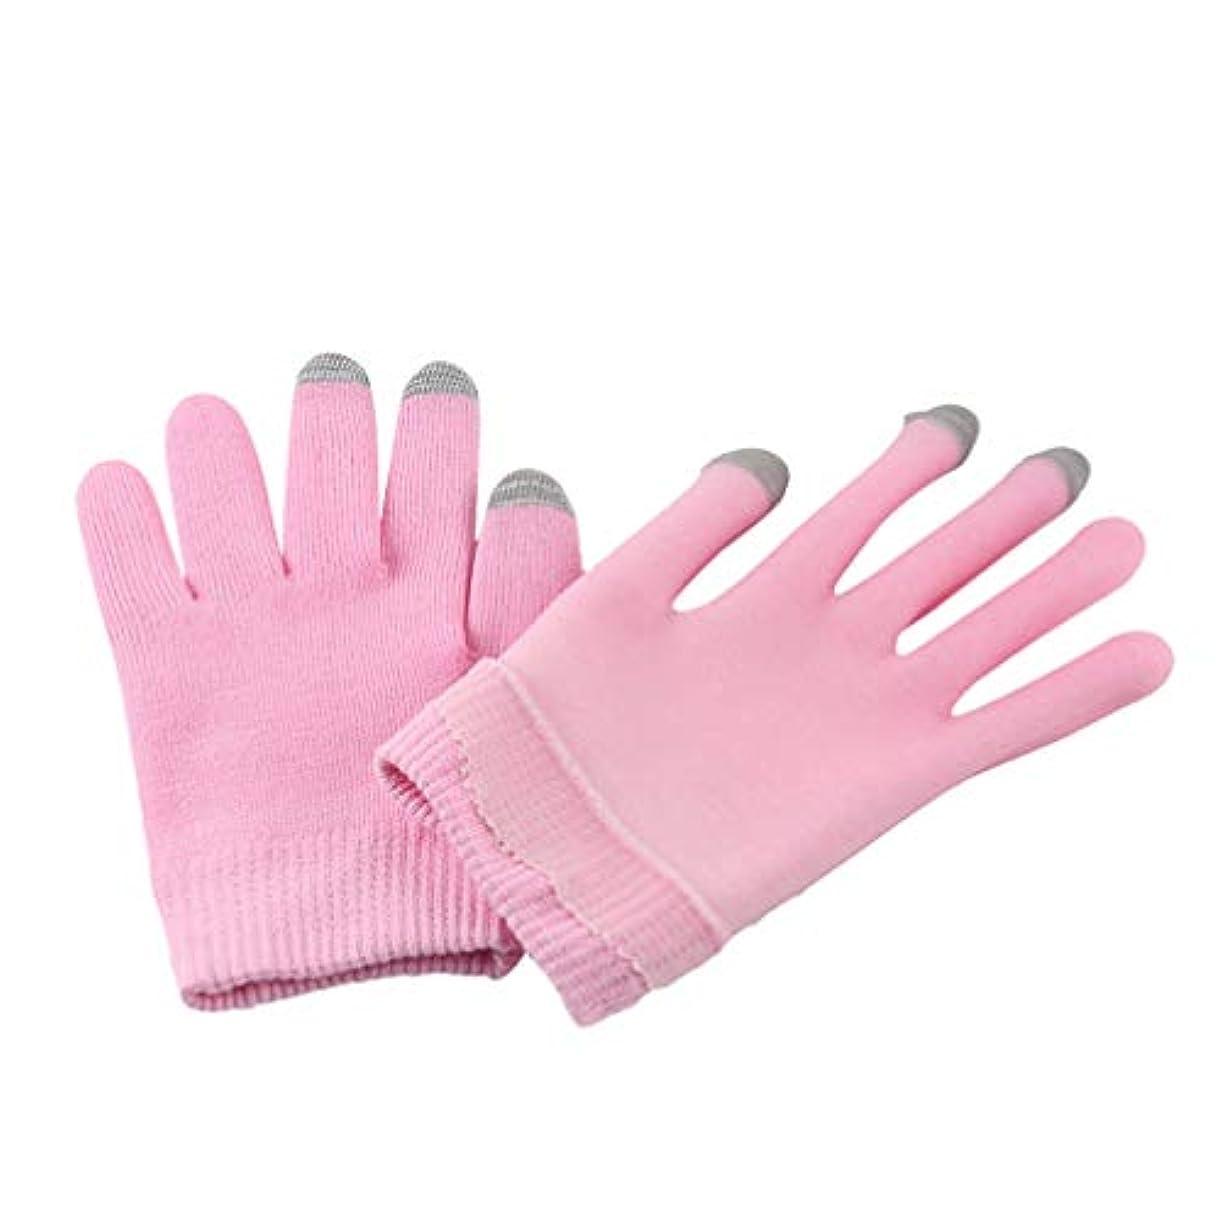 予測子おびえた高原SUPVOX 冬のニット手袋タッチスクリーン手袋屋外サイクリング運転用の防風サーマルグローブ1ペア